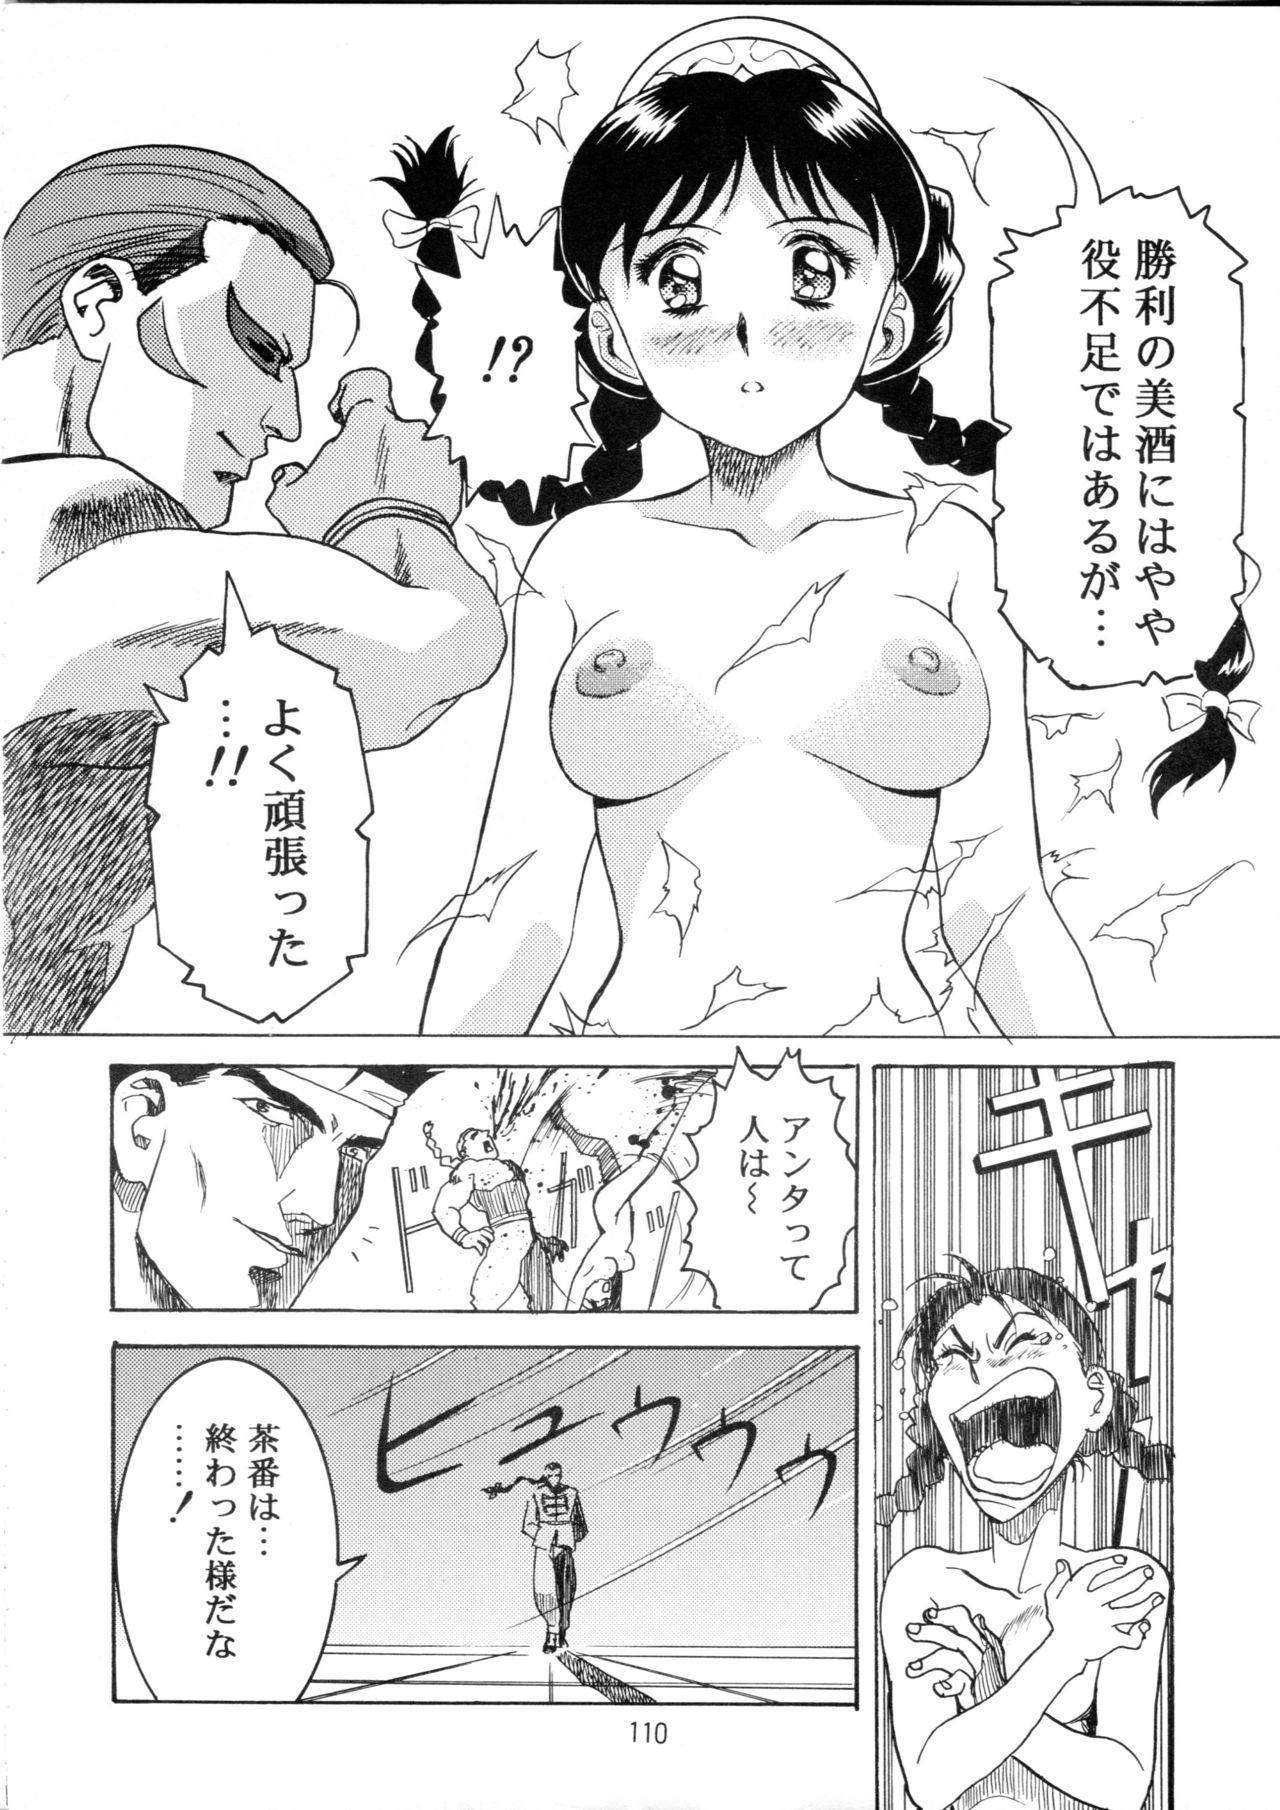 Henreikai Special Vol. 9 107